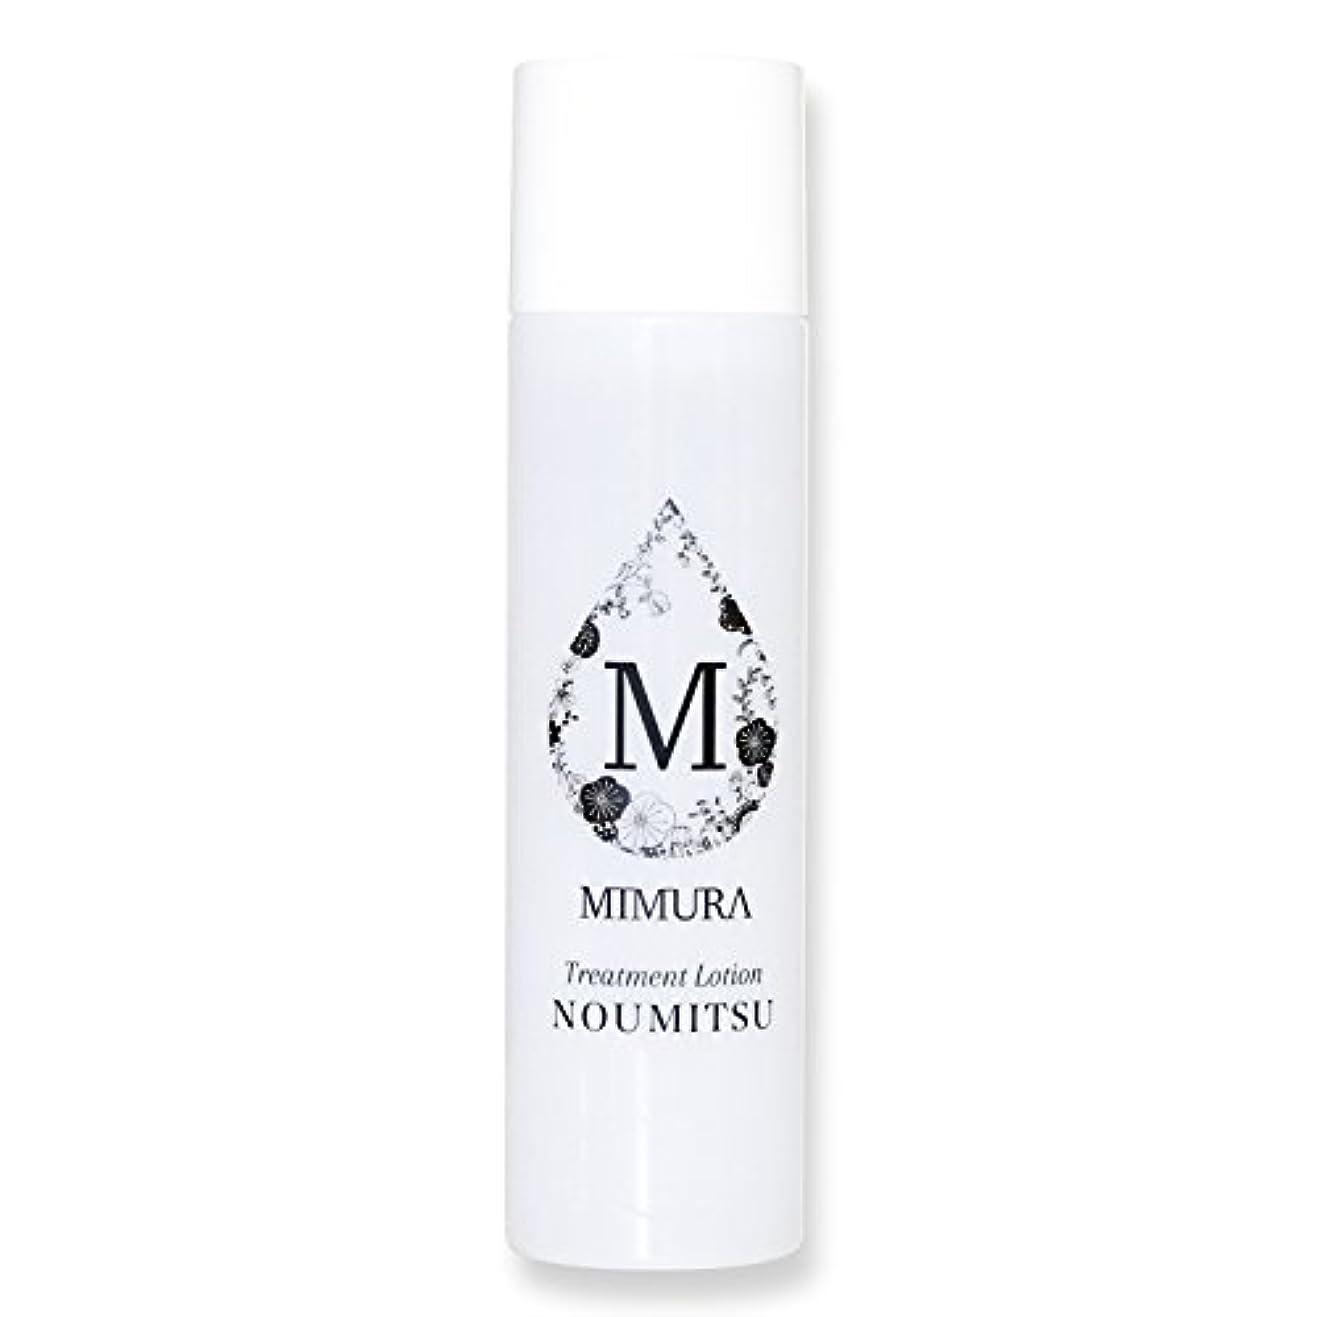 階段先のことを考える傑作化粧水 乾燥肌 うるおい 送料無料 ミムラ トリートメントローション NOUMITSU MIMURA 日本製